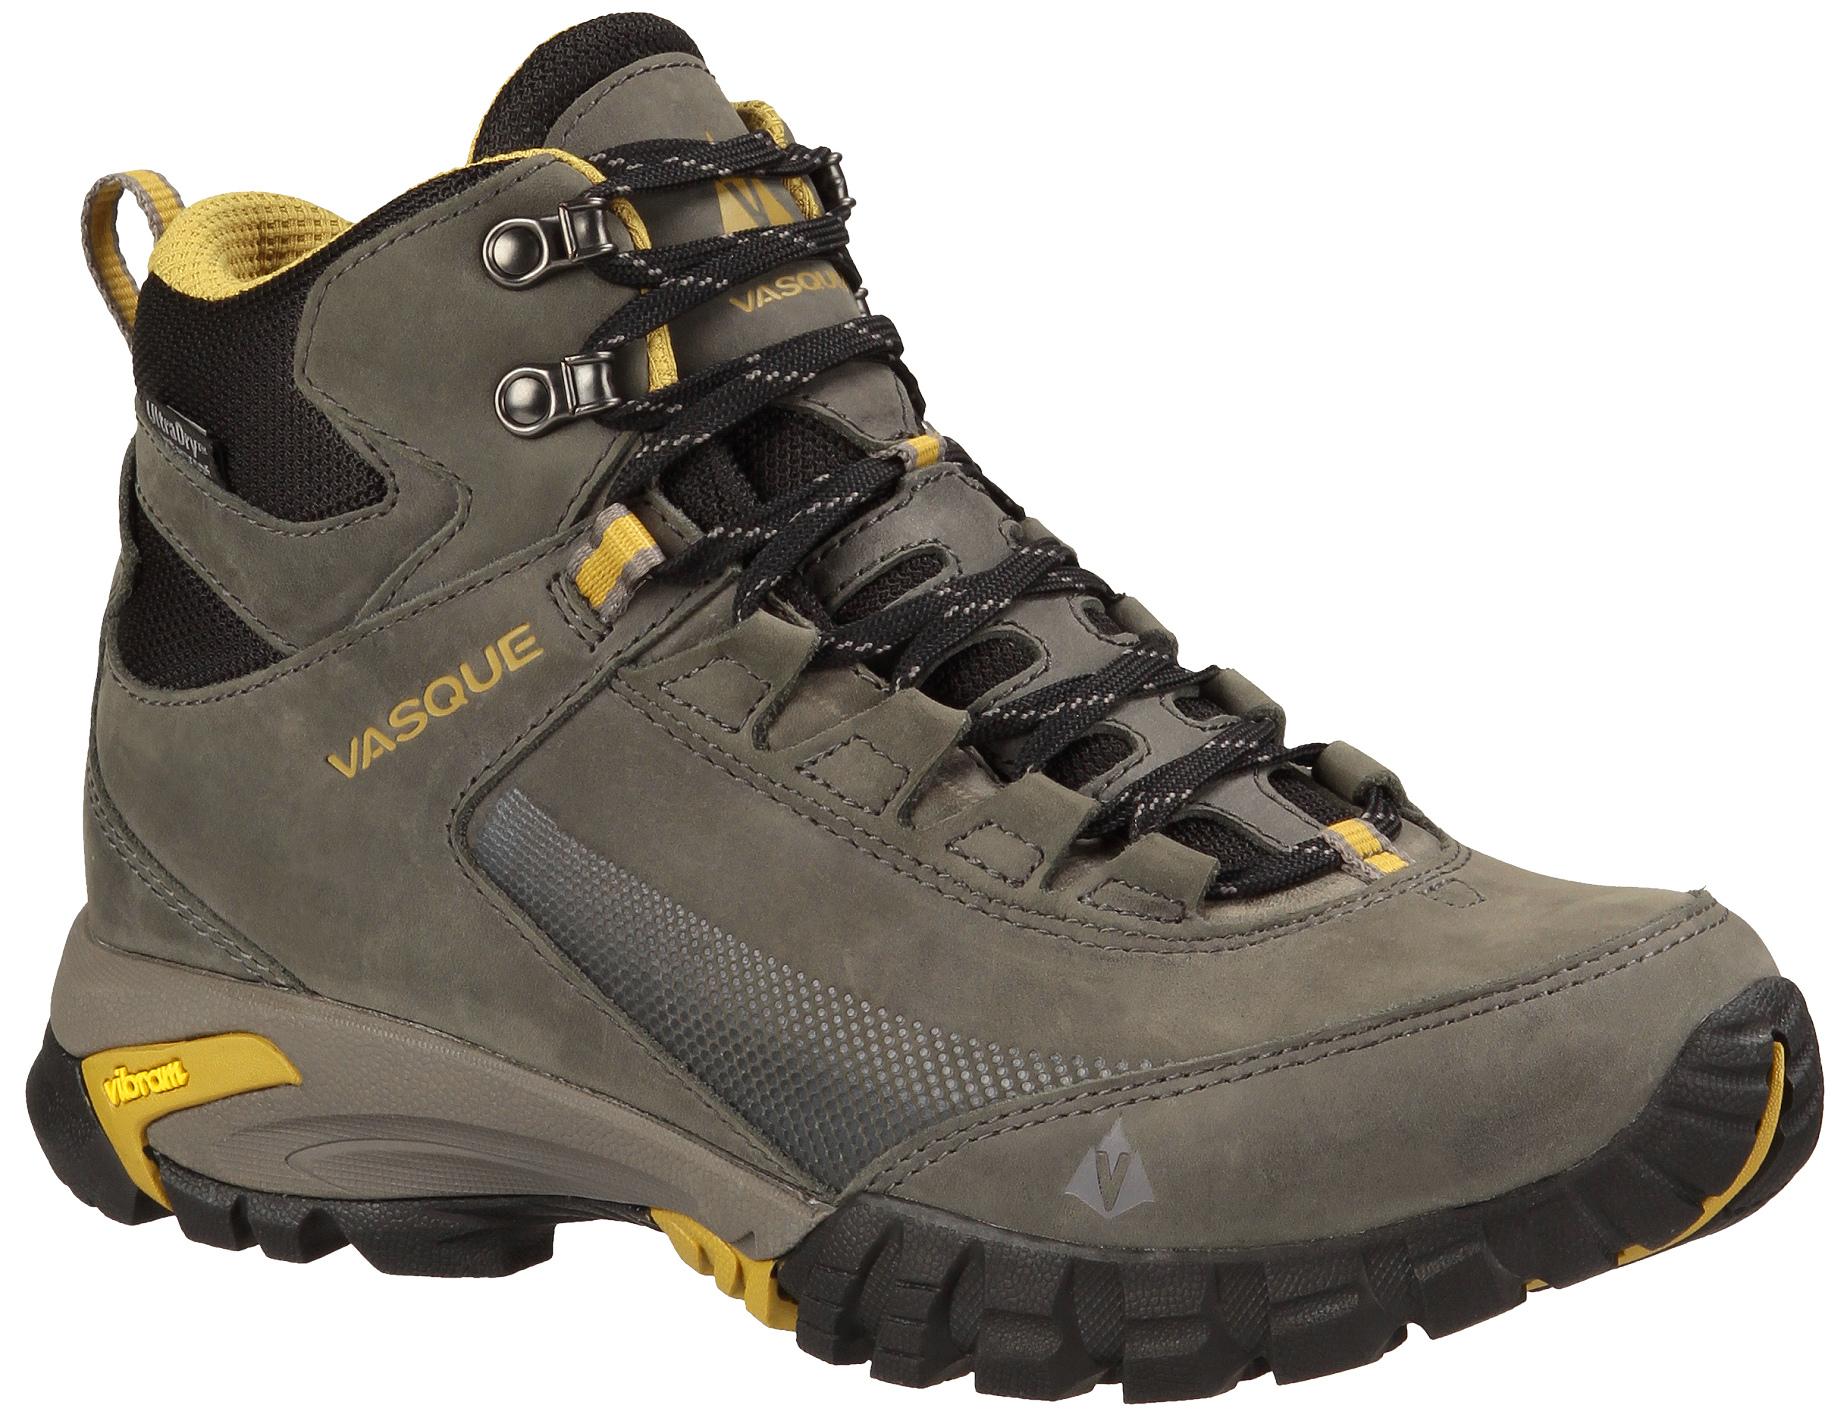 b8d66f6b8d9 Vasque Talus Trek UltraDry Mid Hiking Boot - Men's